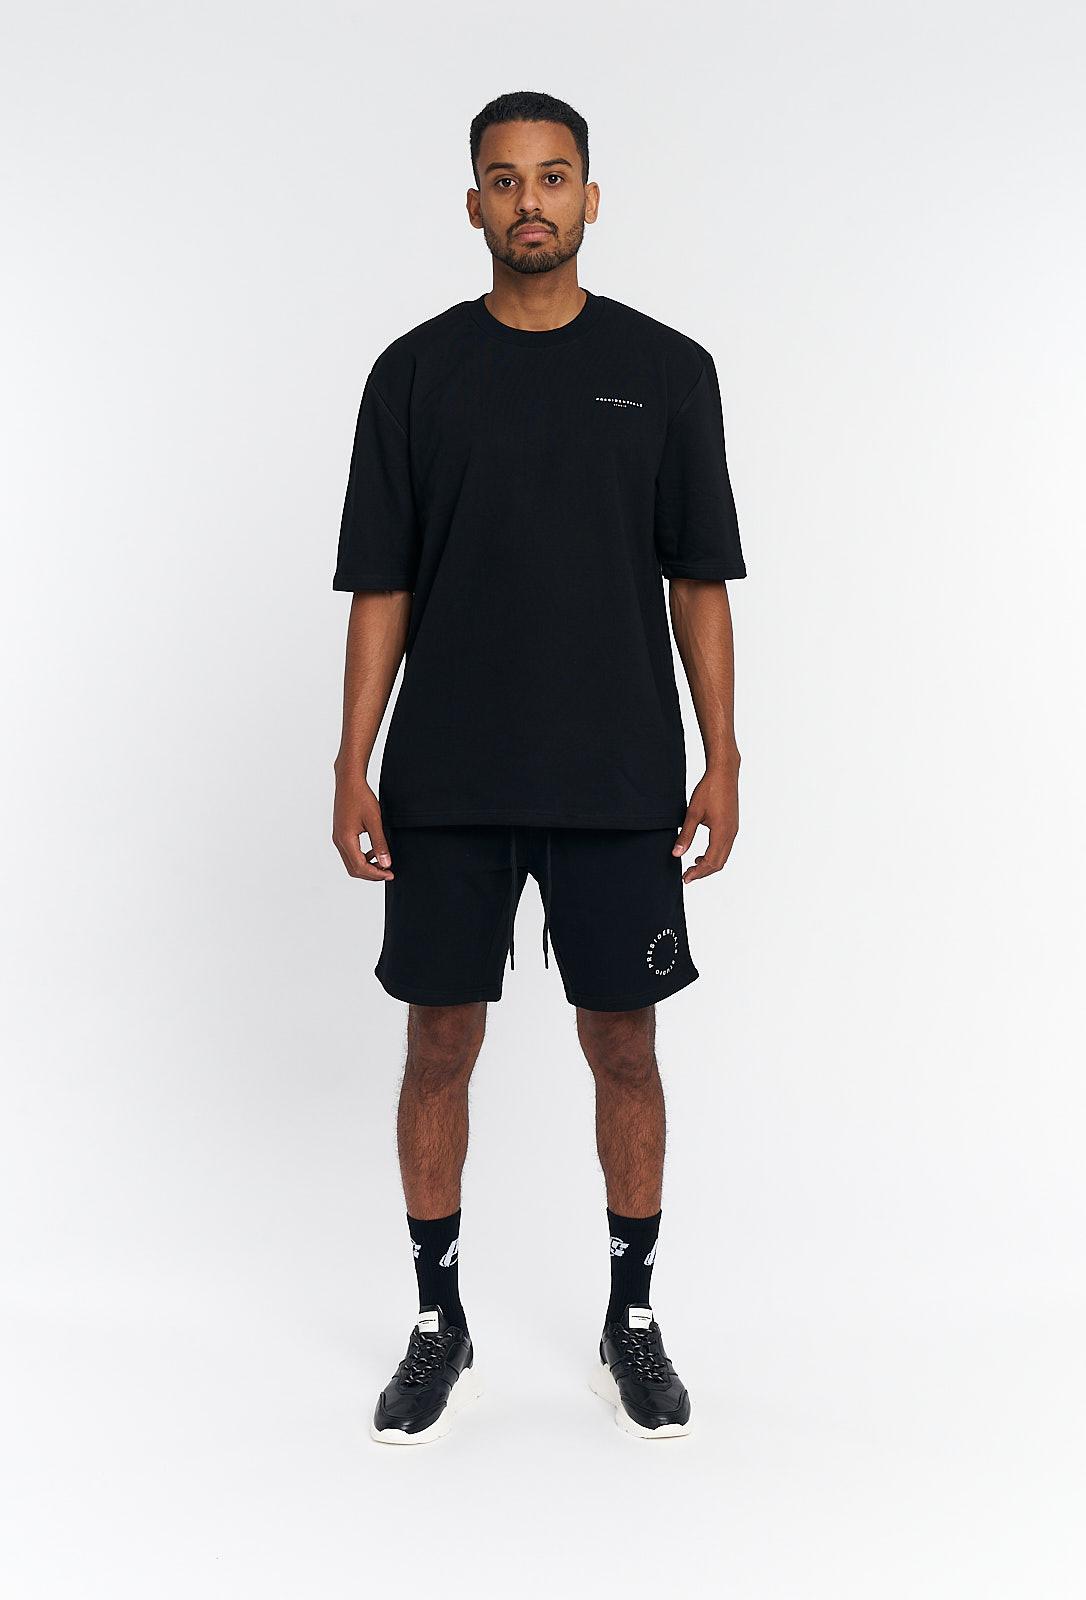 PS Zwart Superscript T-shirt